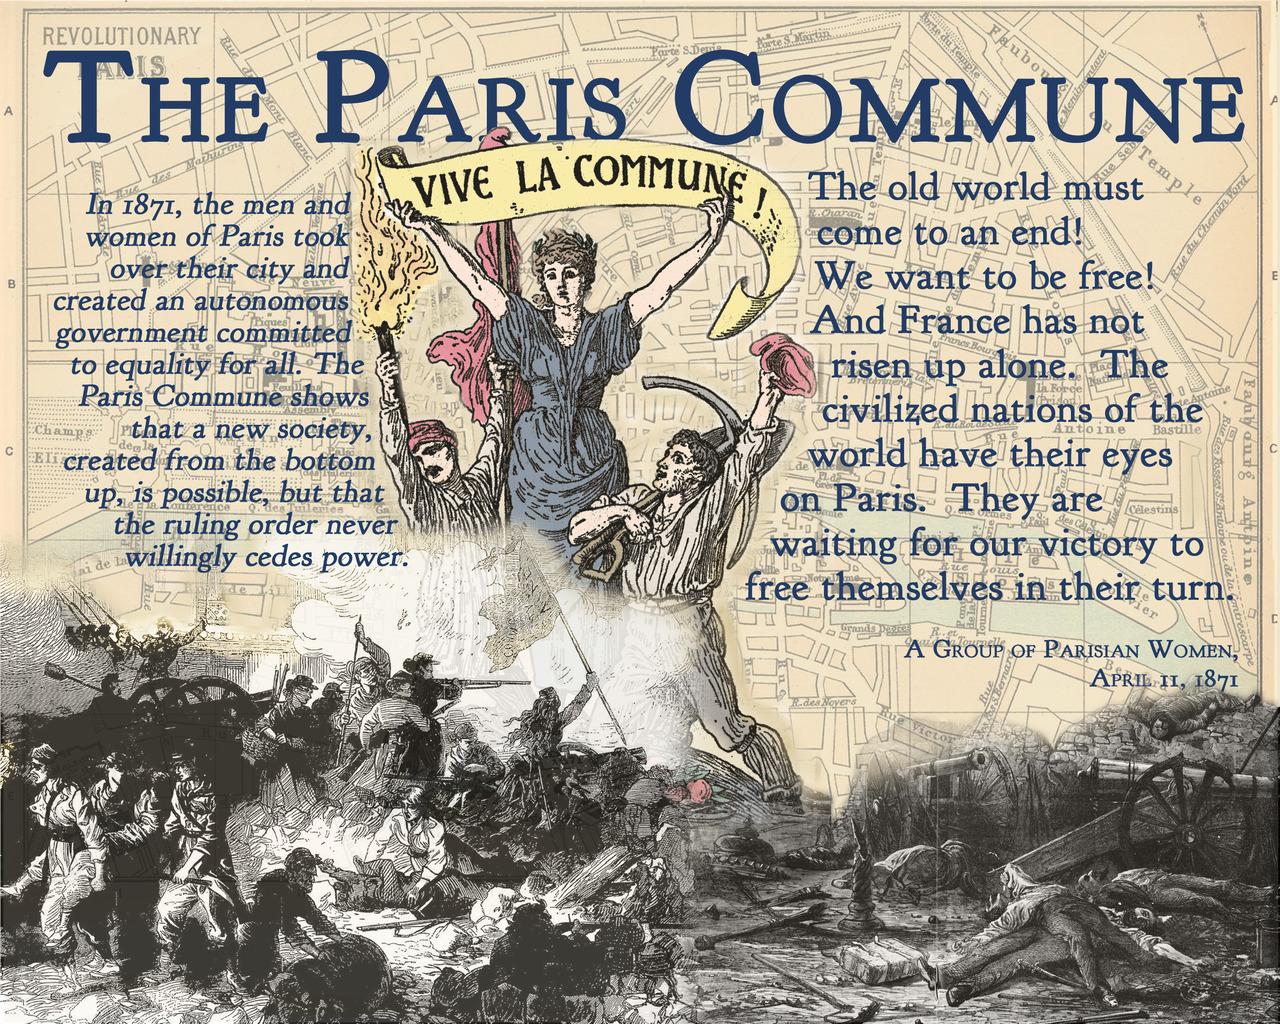 http://4.bp.blogspot.com/-1Q8MQ21NJes/UaXG5QmVJ4I/AAAAAAAAA8I/7QJXUG0aESg/s1600/paris+commune+34.jpg